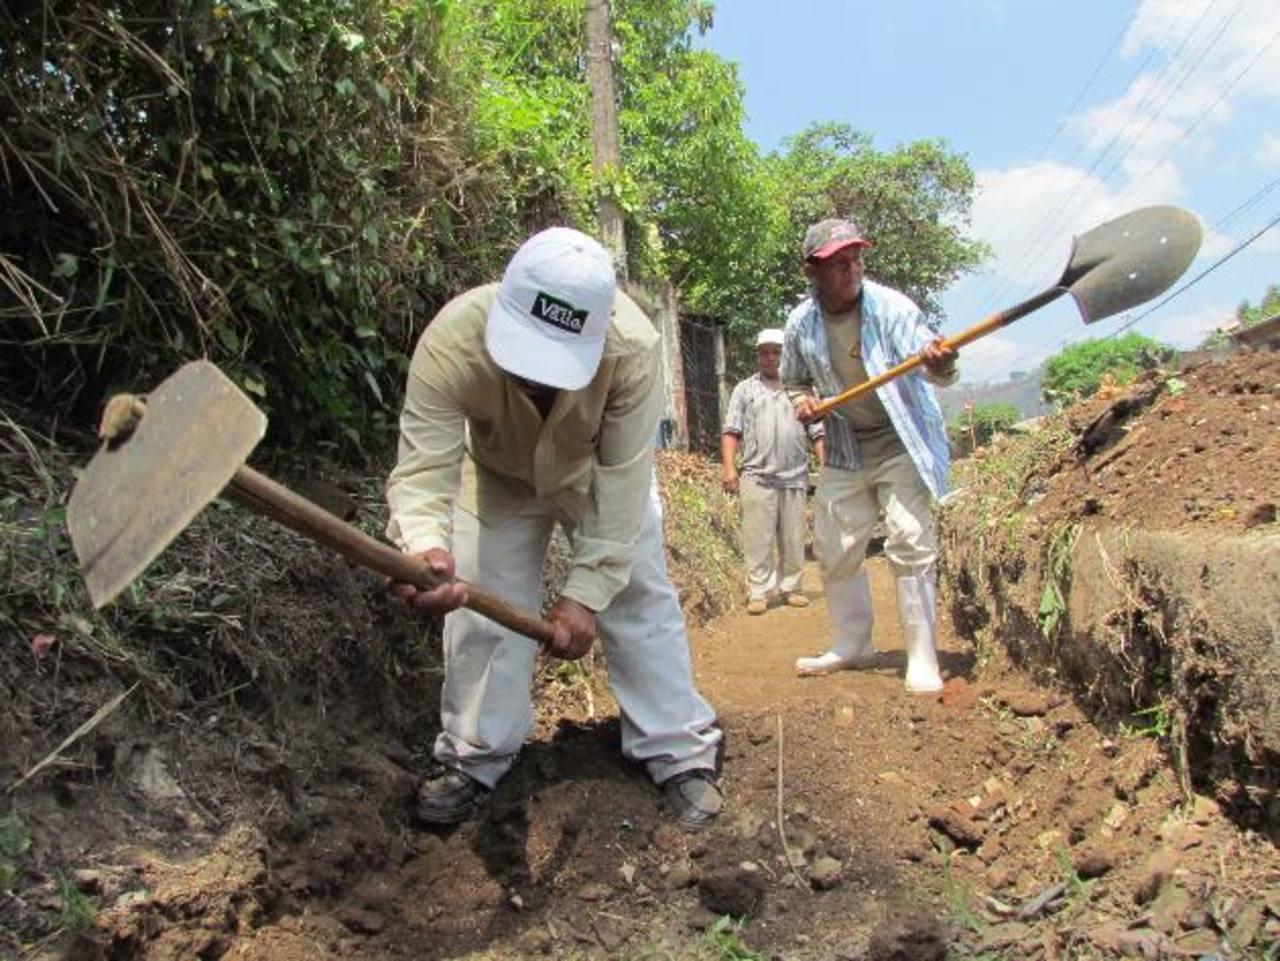 Los trabajos serán terminados este día, de acuerdo a los mismos trabajadores. Foto EDH / MAURICIO GUEVARA